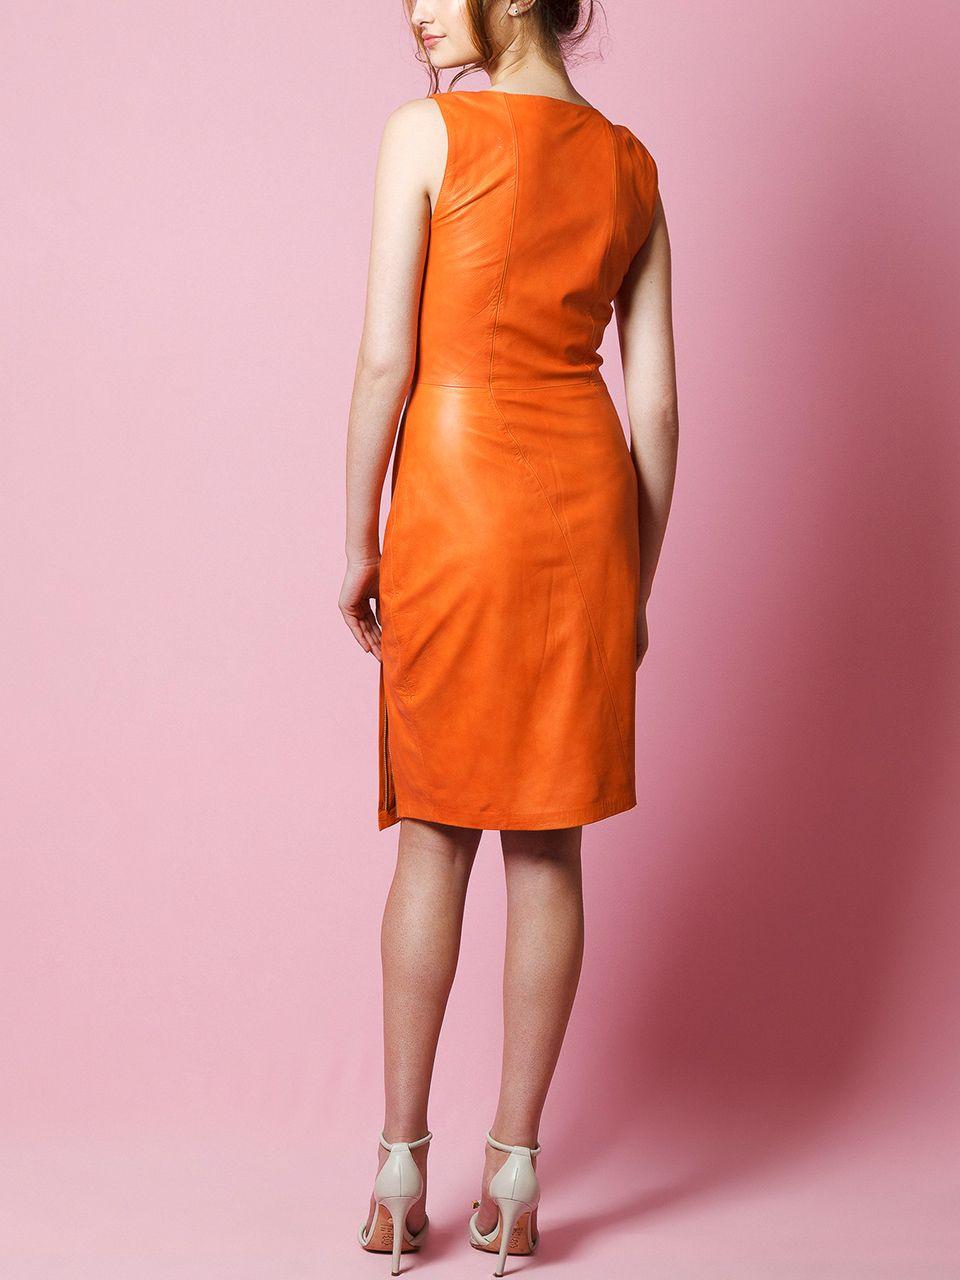 Vestido com Cortes Assimétrico- Liziane Richter